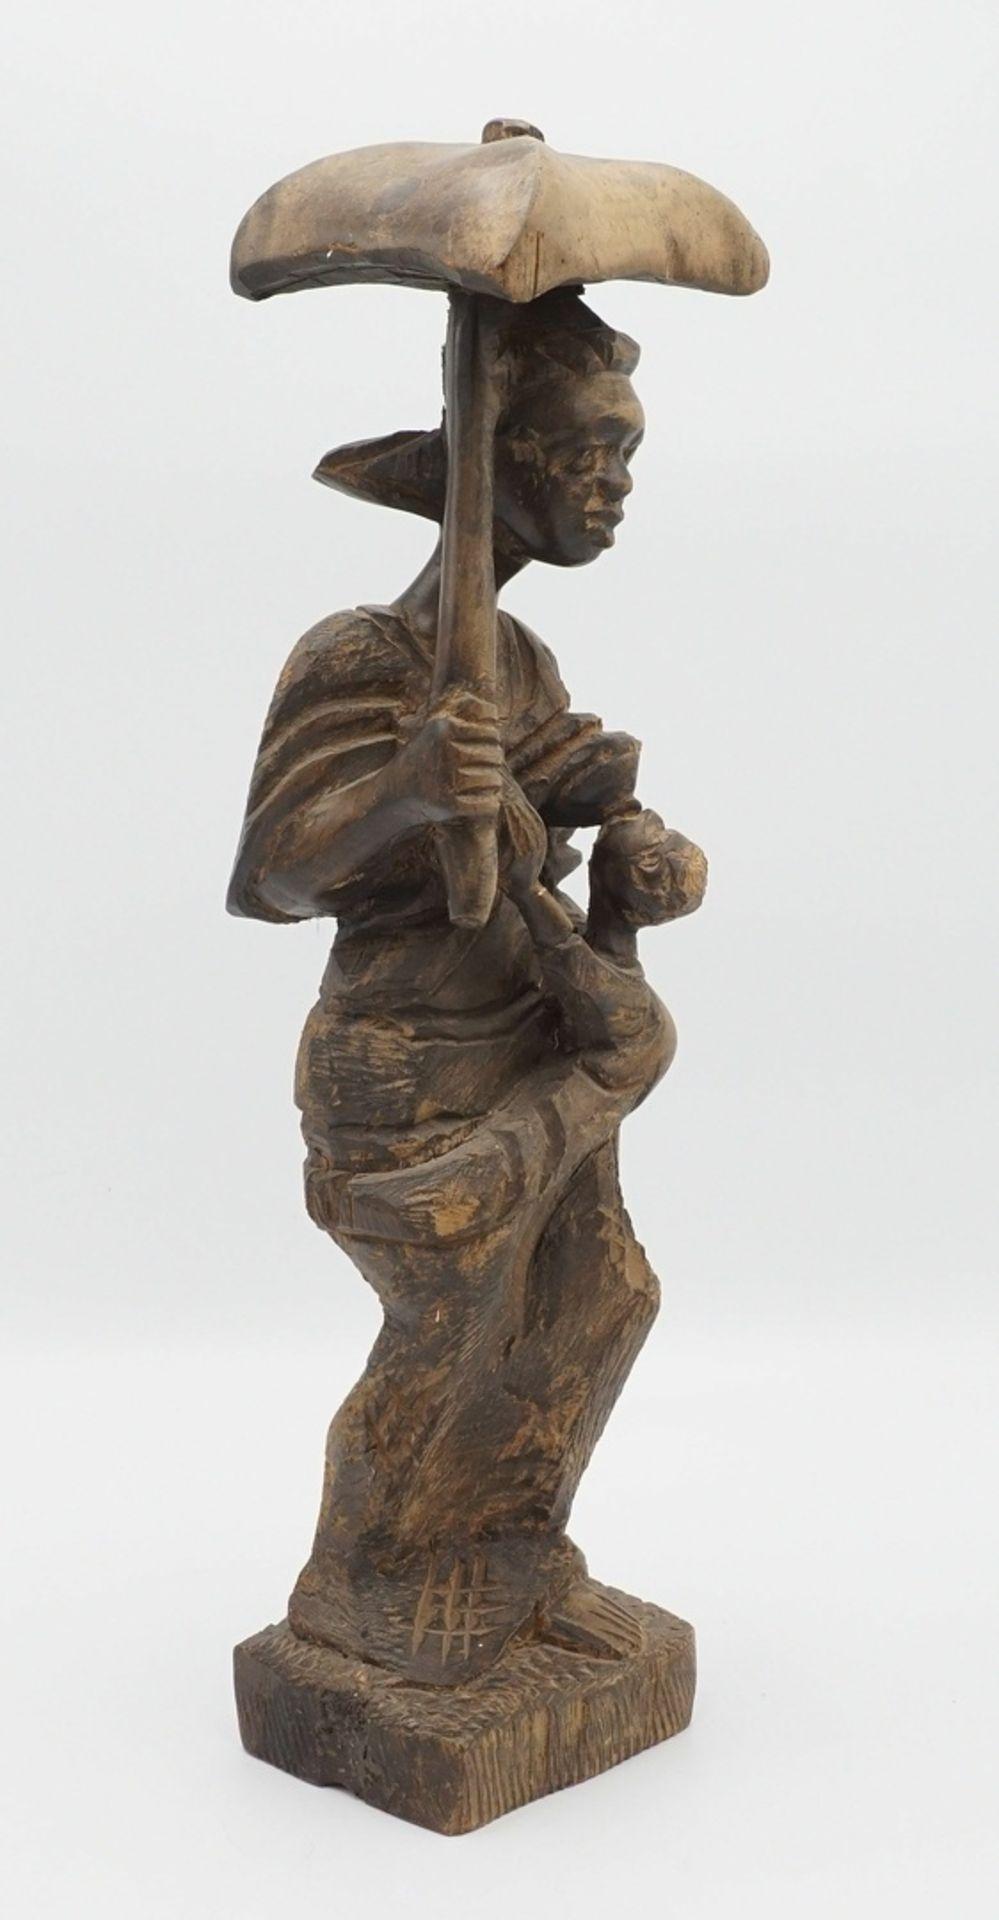 Mutter mit Kind, Afrika, 2. Hälfte 20. Jh. - Bild 2 aus 3